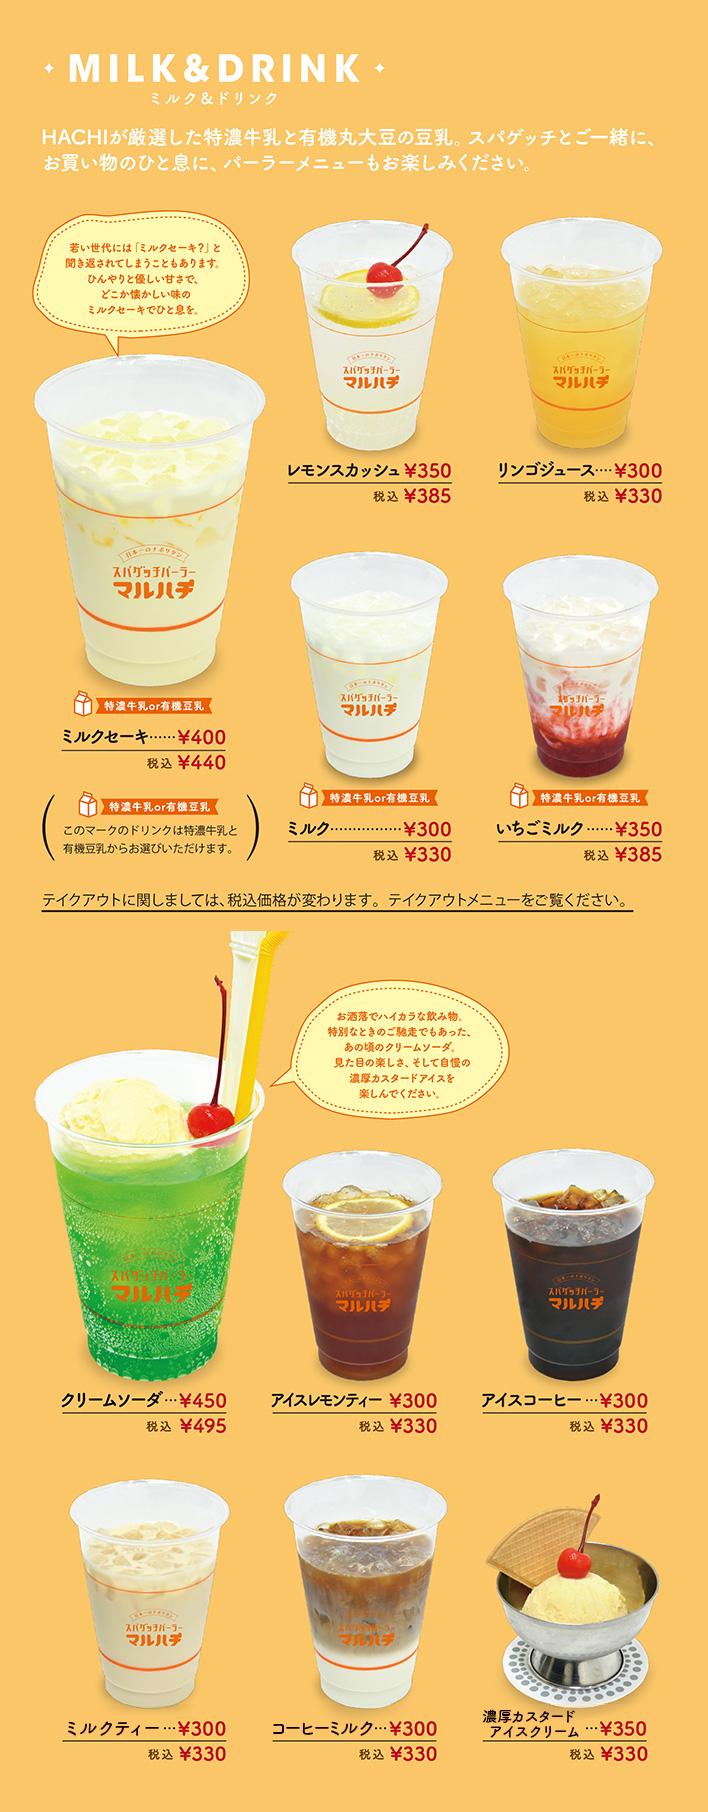 ミルク&ドリンク-マルハチ(三越店)